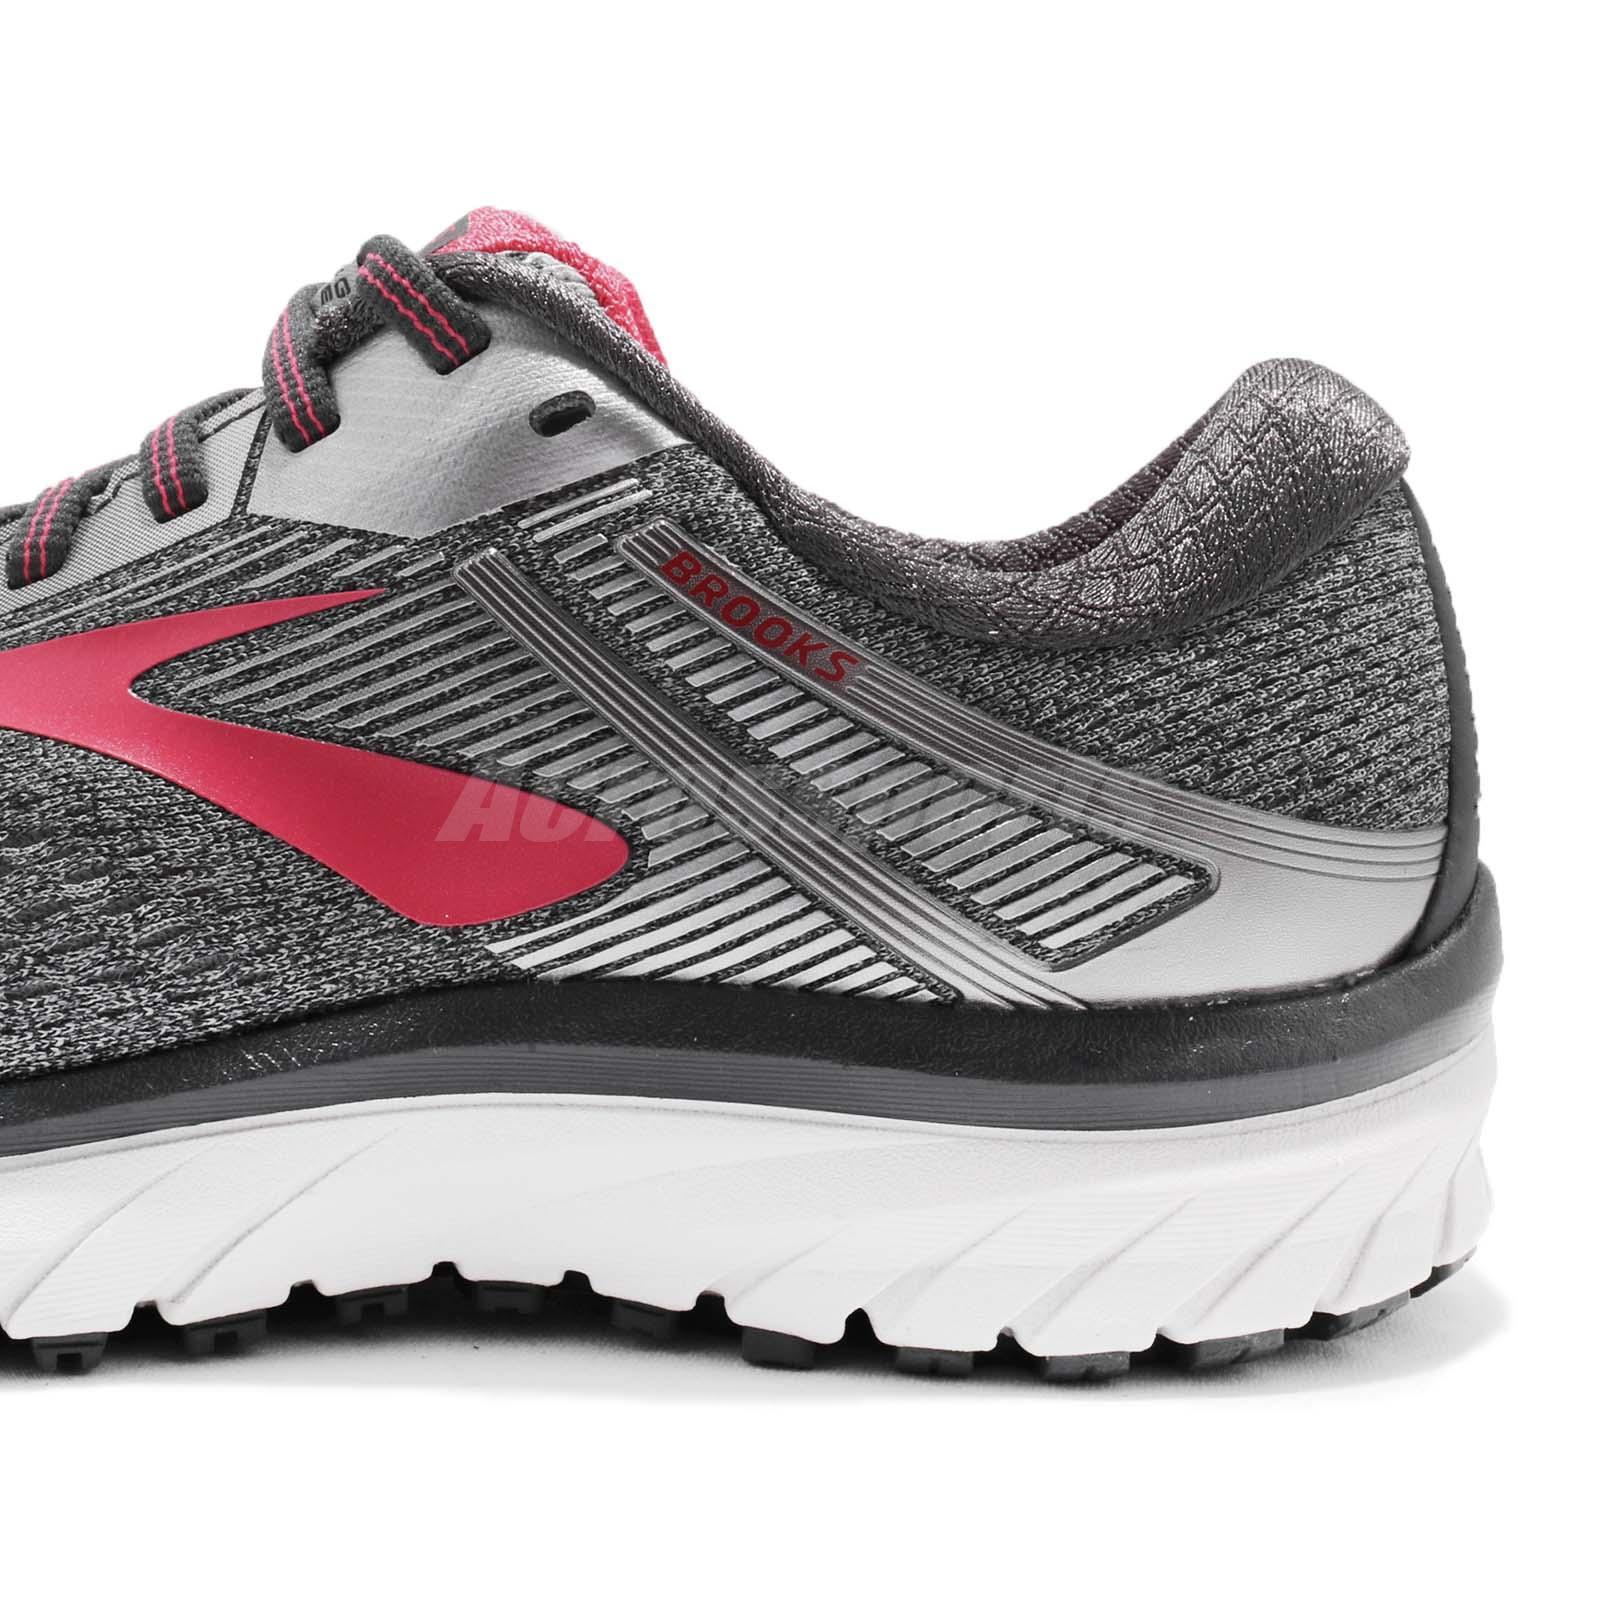 b31eca73781 Brooks Adrenaline GTS 18 D Wide Grey Silver Pink Women Running Shoes ...